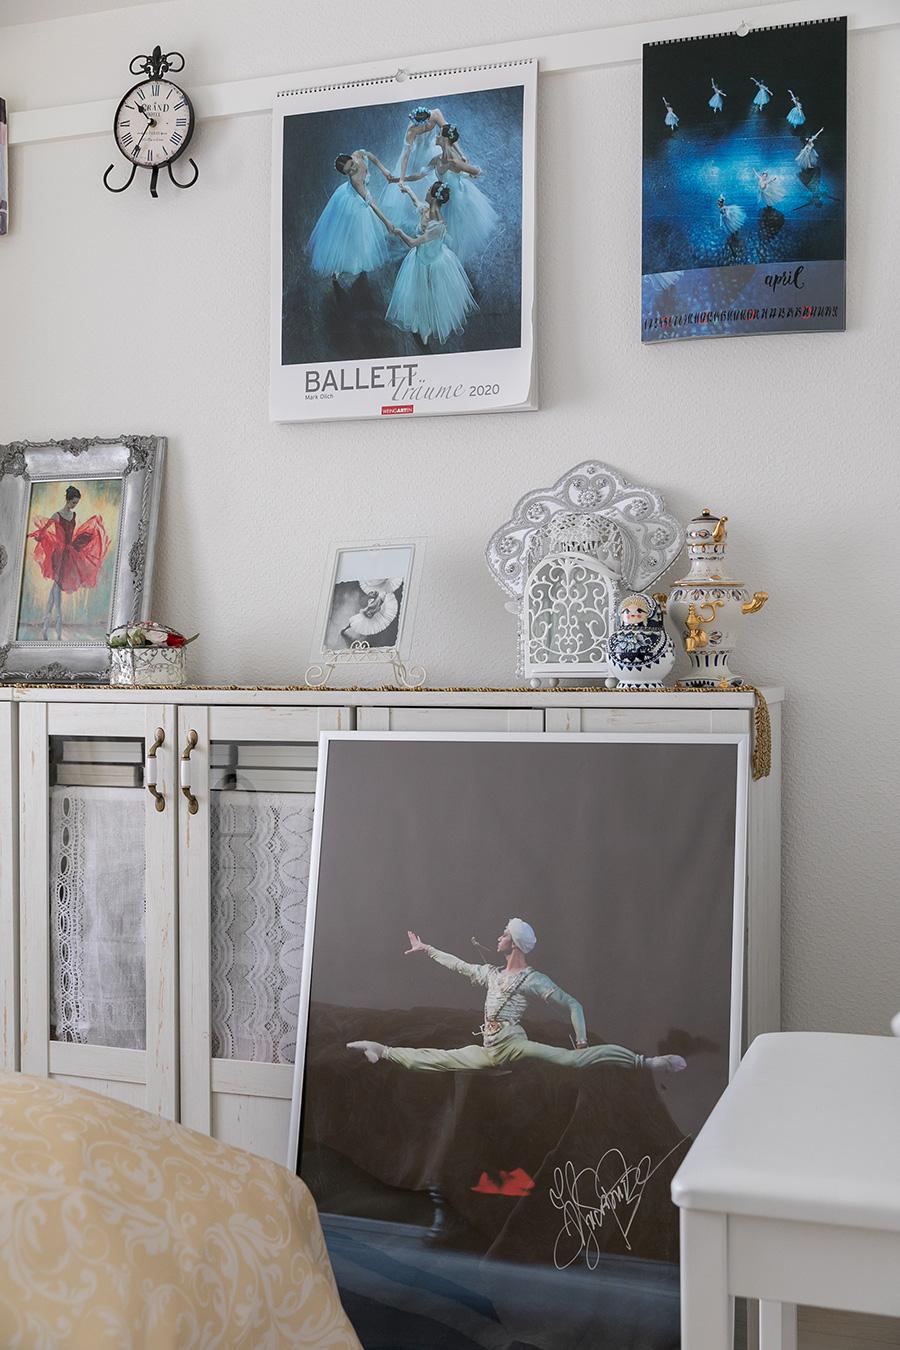 棚に立てかけられているのは世界最高峰のバレエアカデミー ワガノワ・バレエ学校校長ニコライ・ツィスカリーゼの直筆サイン入りポスター。